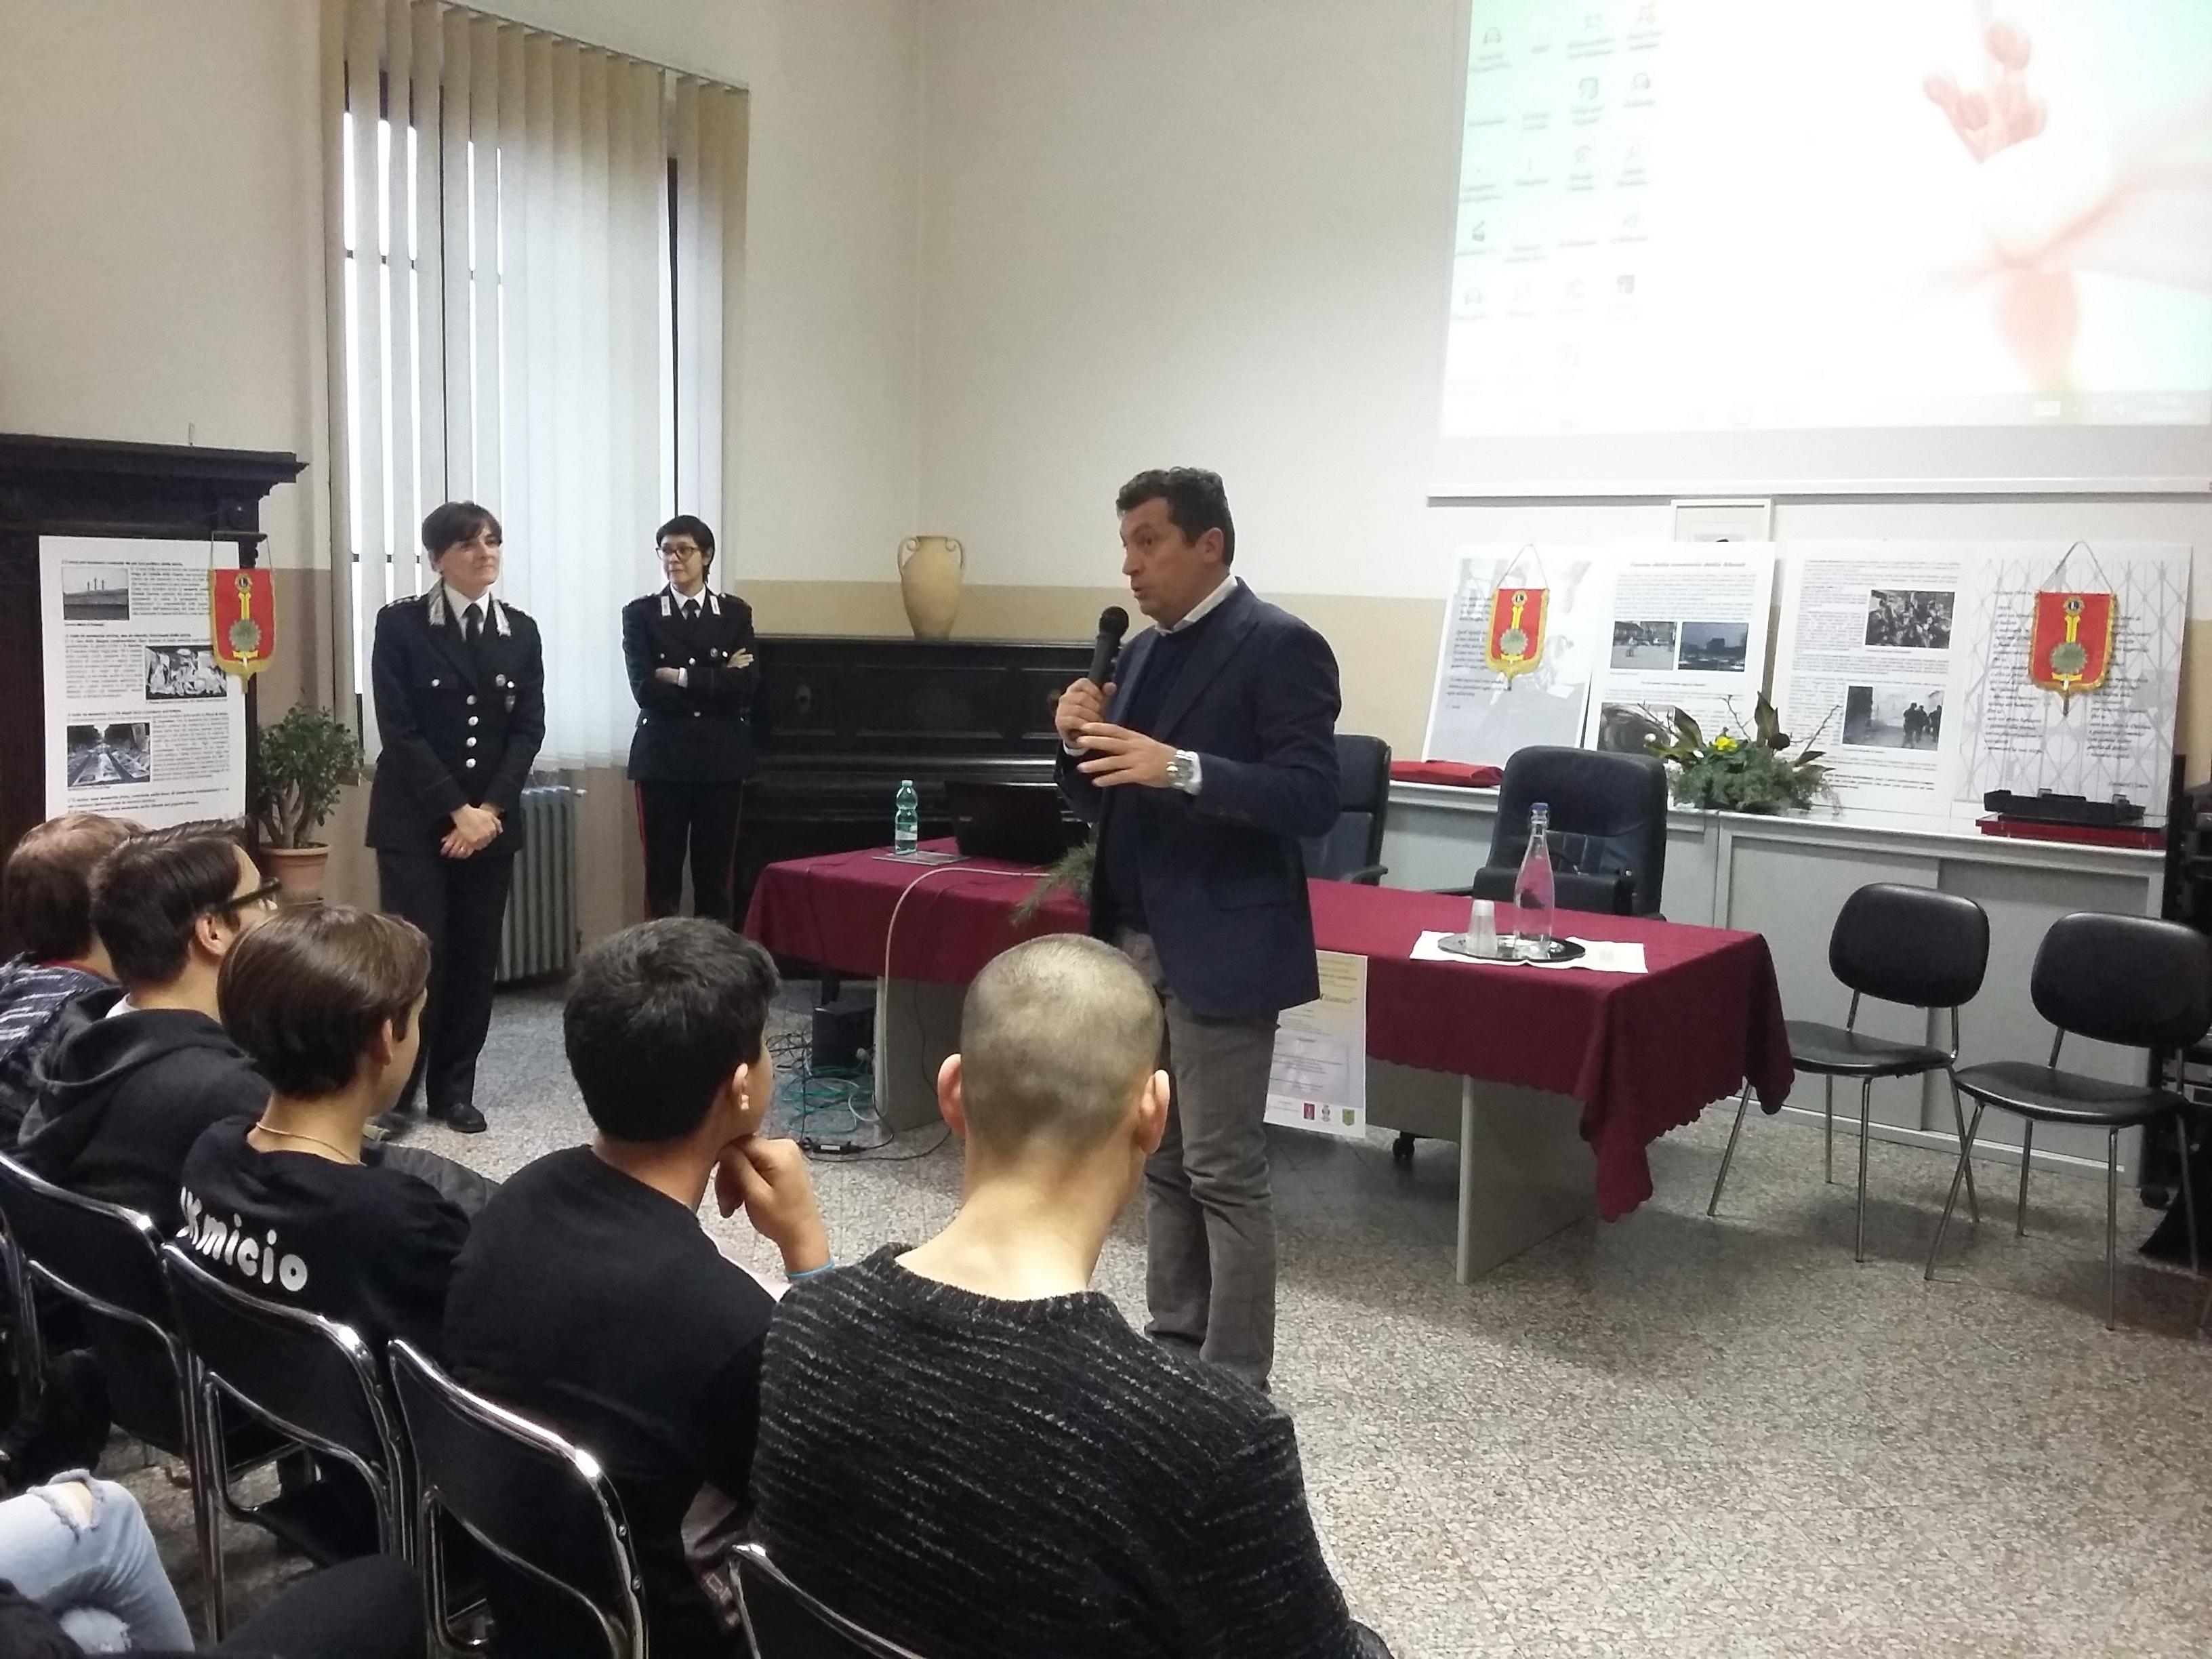 Contro il Bullismo, iniziative a Castiglion Fiorentino